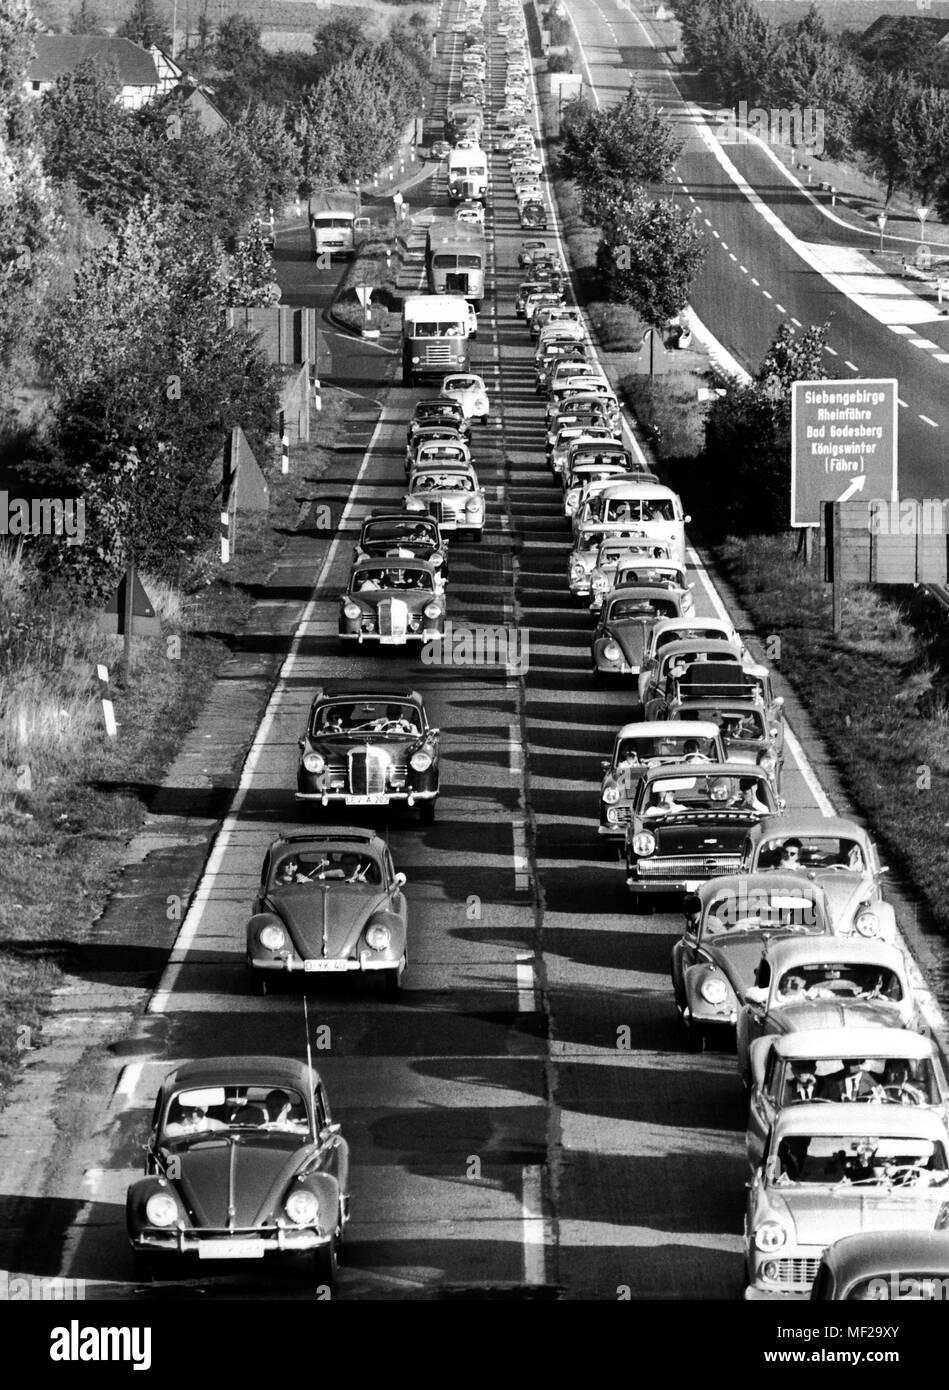 Traffic jam of the motorway between Koln and Frankfurt, taken in 1965.   usage worldwide - Stock Image